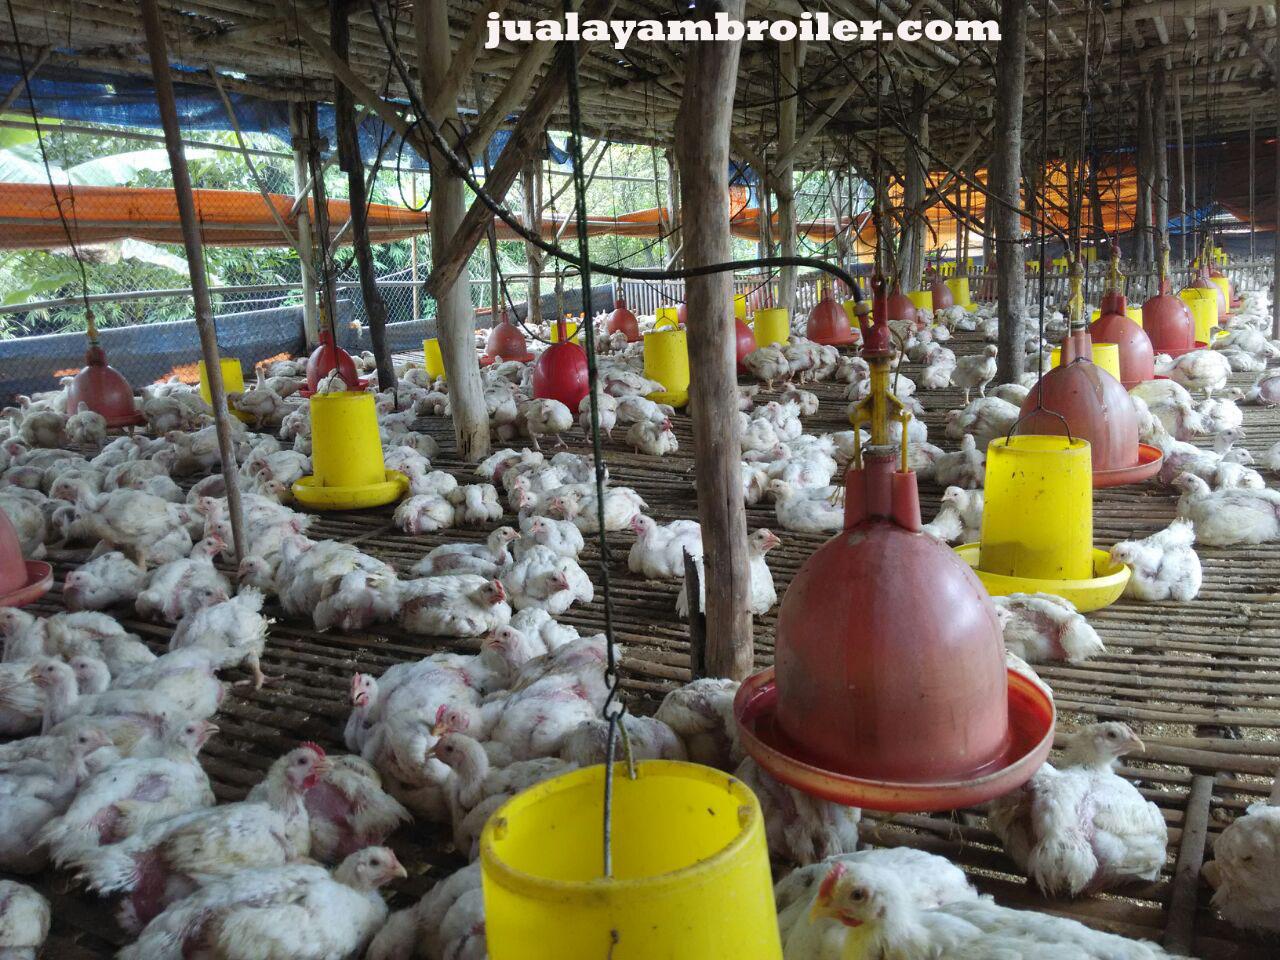 Jual Ayam Broiler Babelan